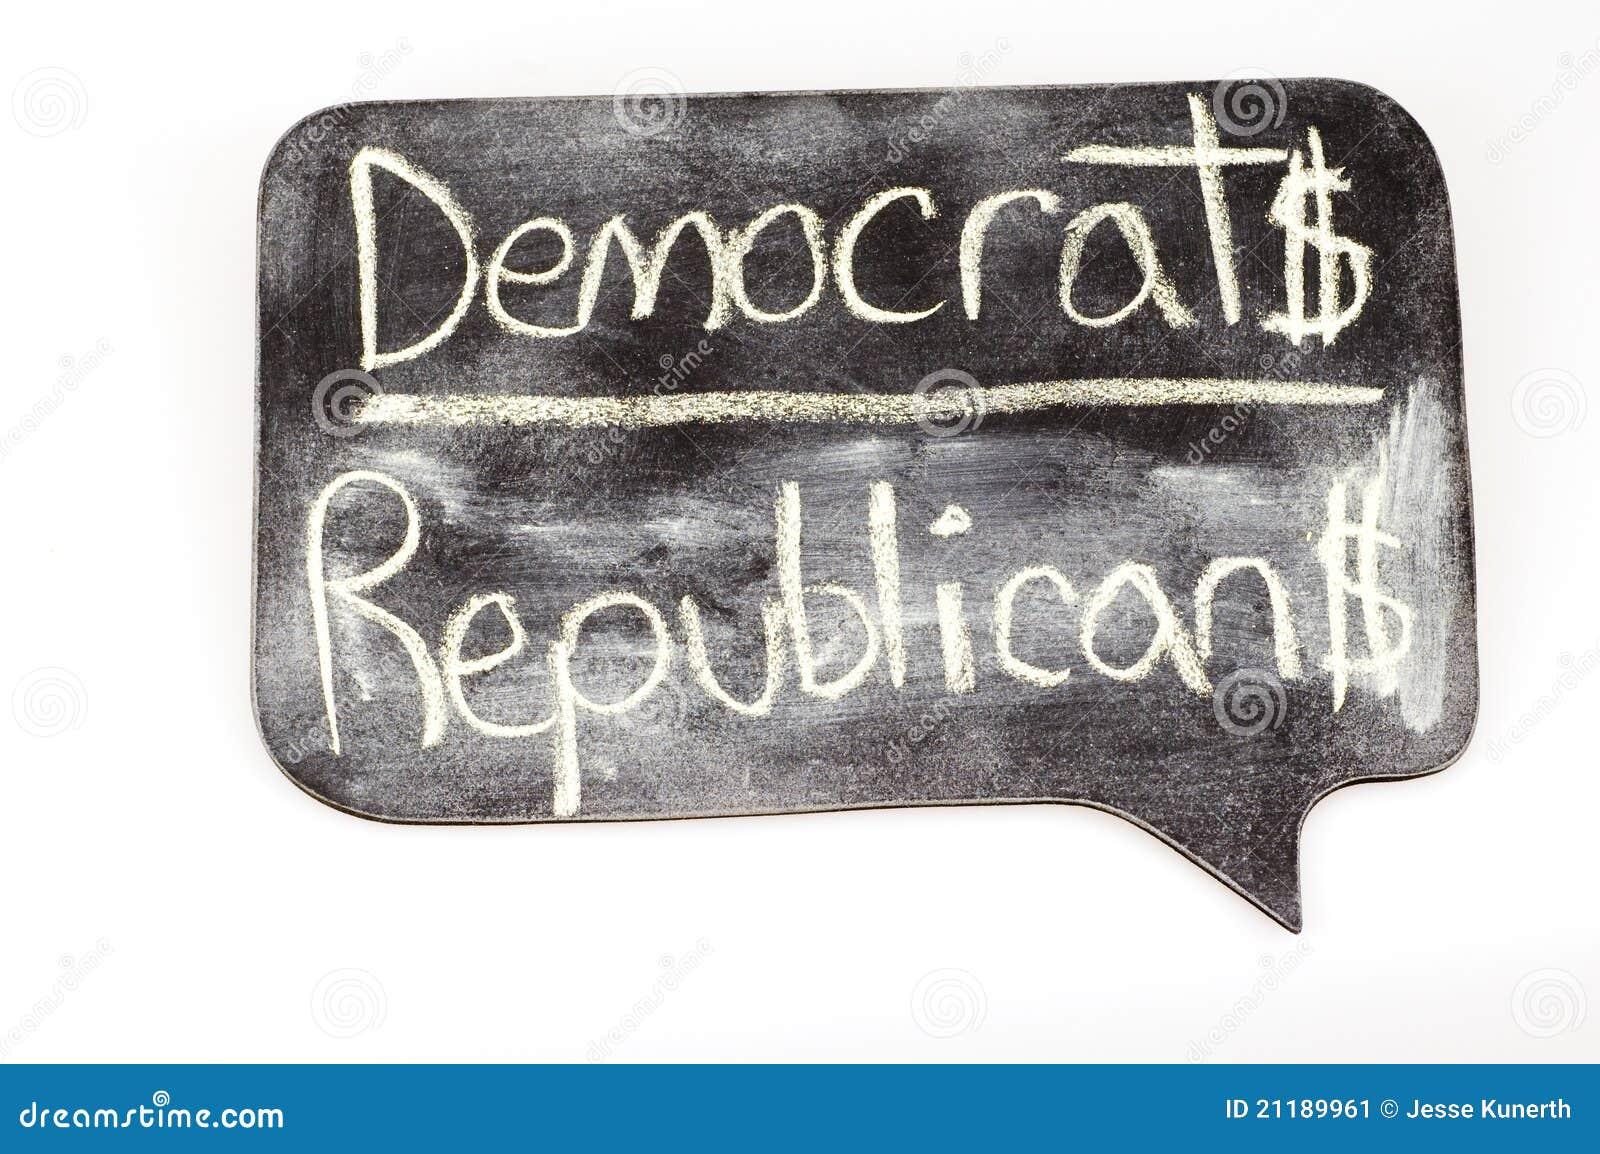 Democrats and Republicans